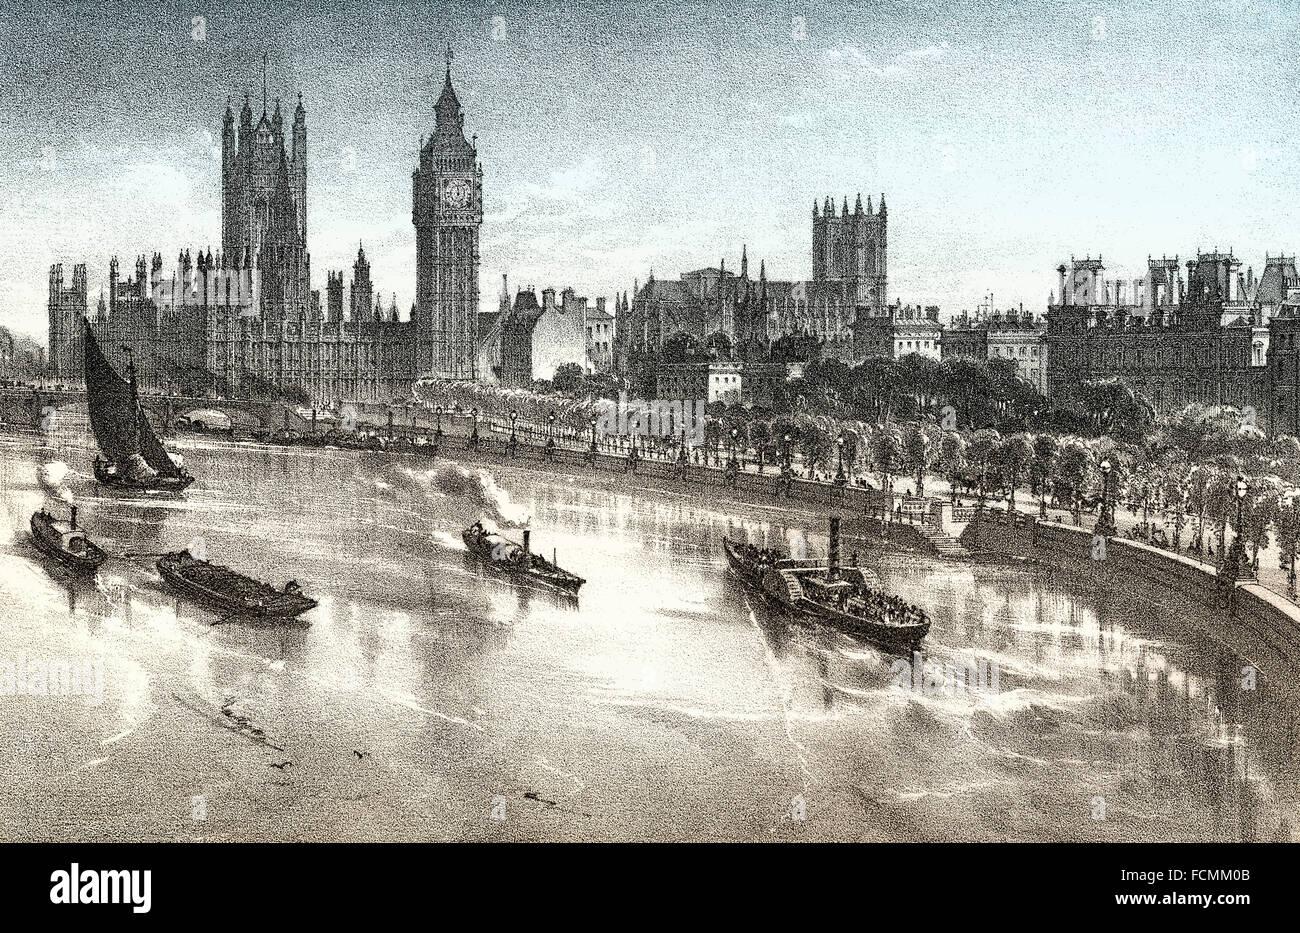 El Thames Embankment, del siglo XIX, el Río Támesis en Londres, Inglaterra Imagen De Stock